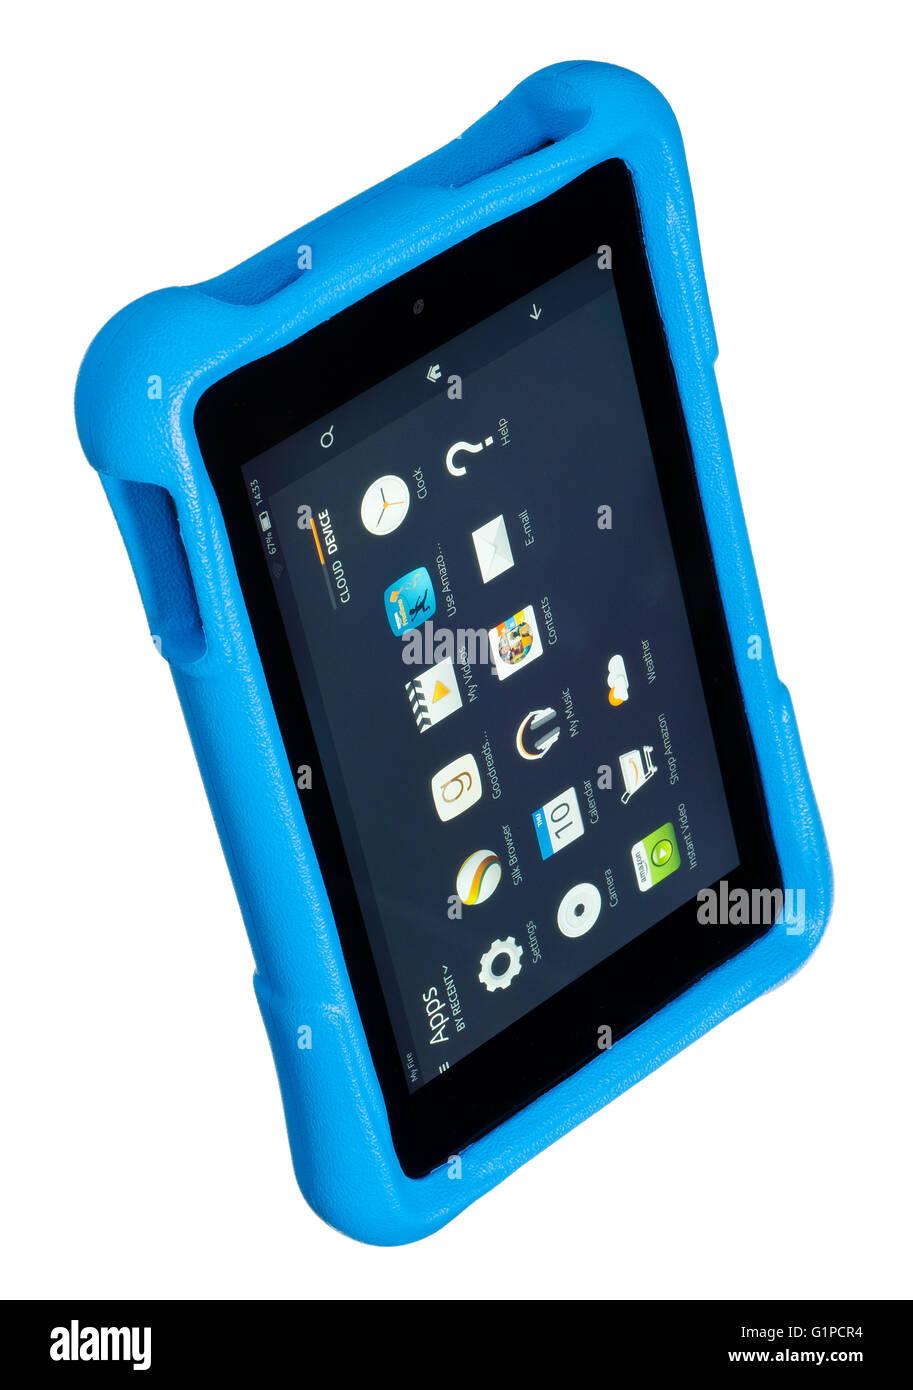 Allumer le feu pour les enfants. Orientés vers les enfants avec l'ordinateur tablette caoutchouté Photo Stock